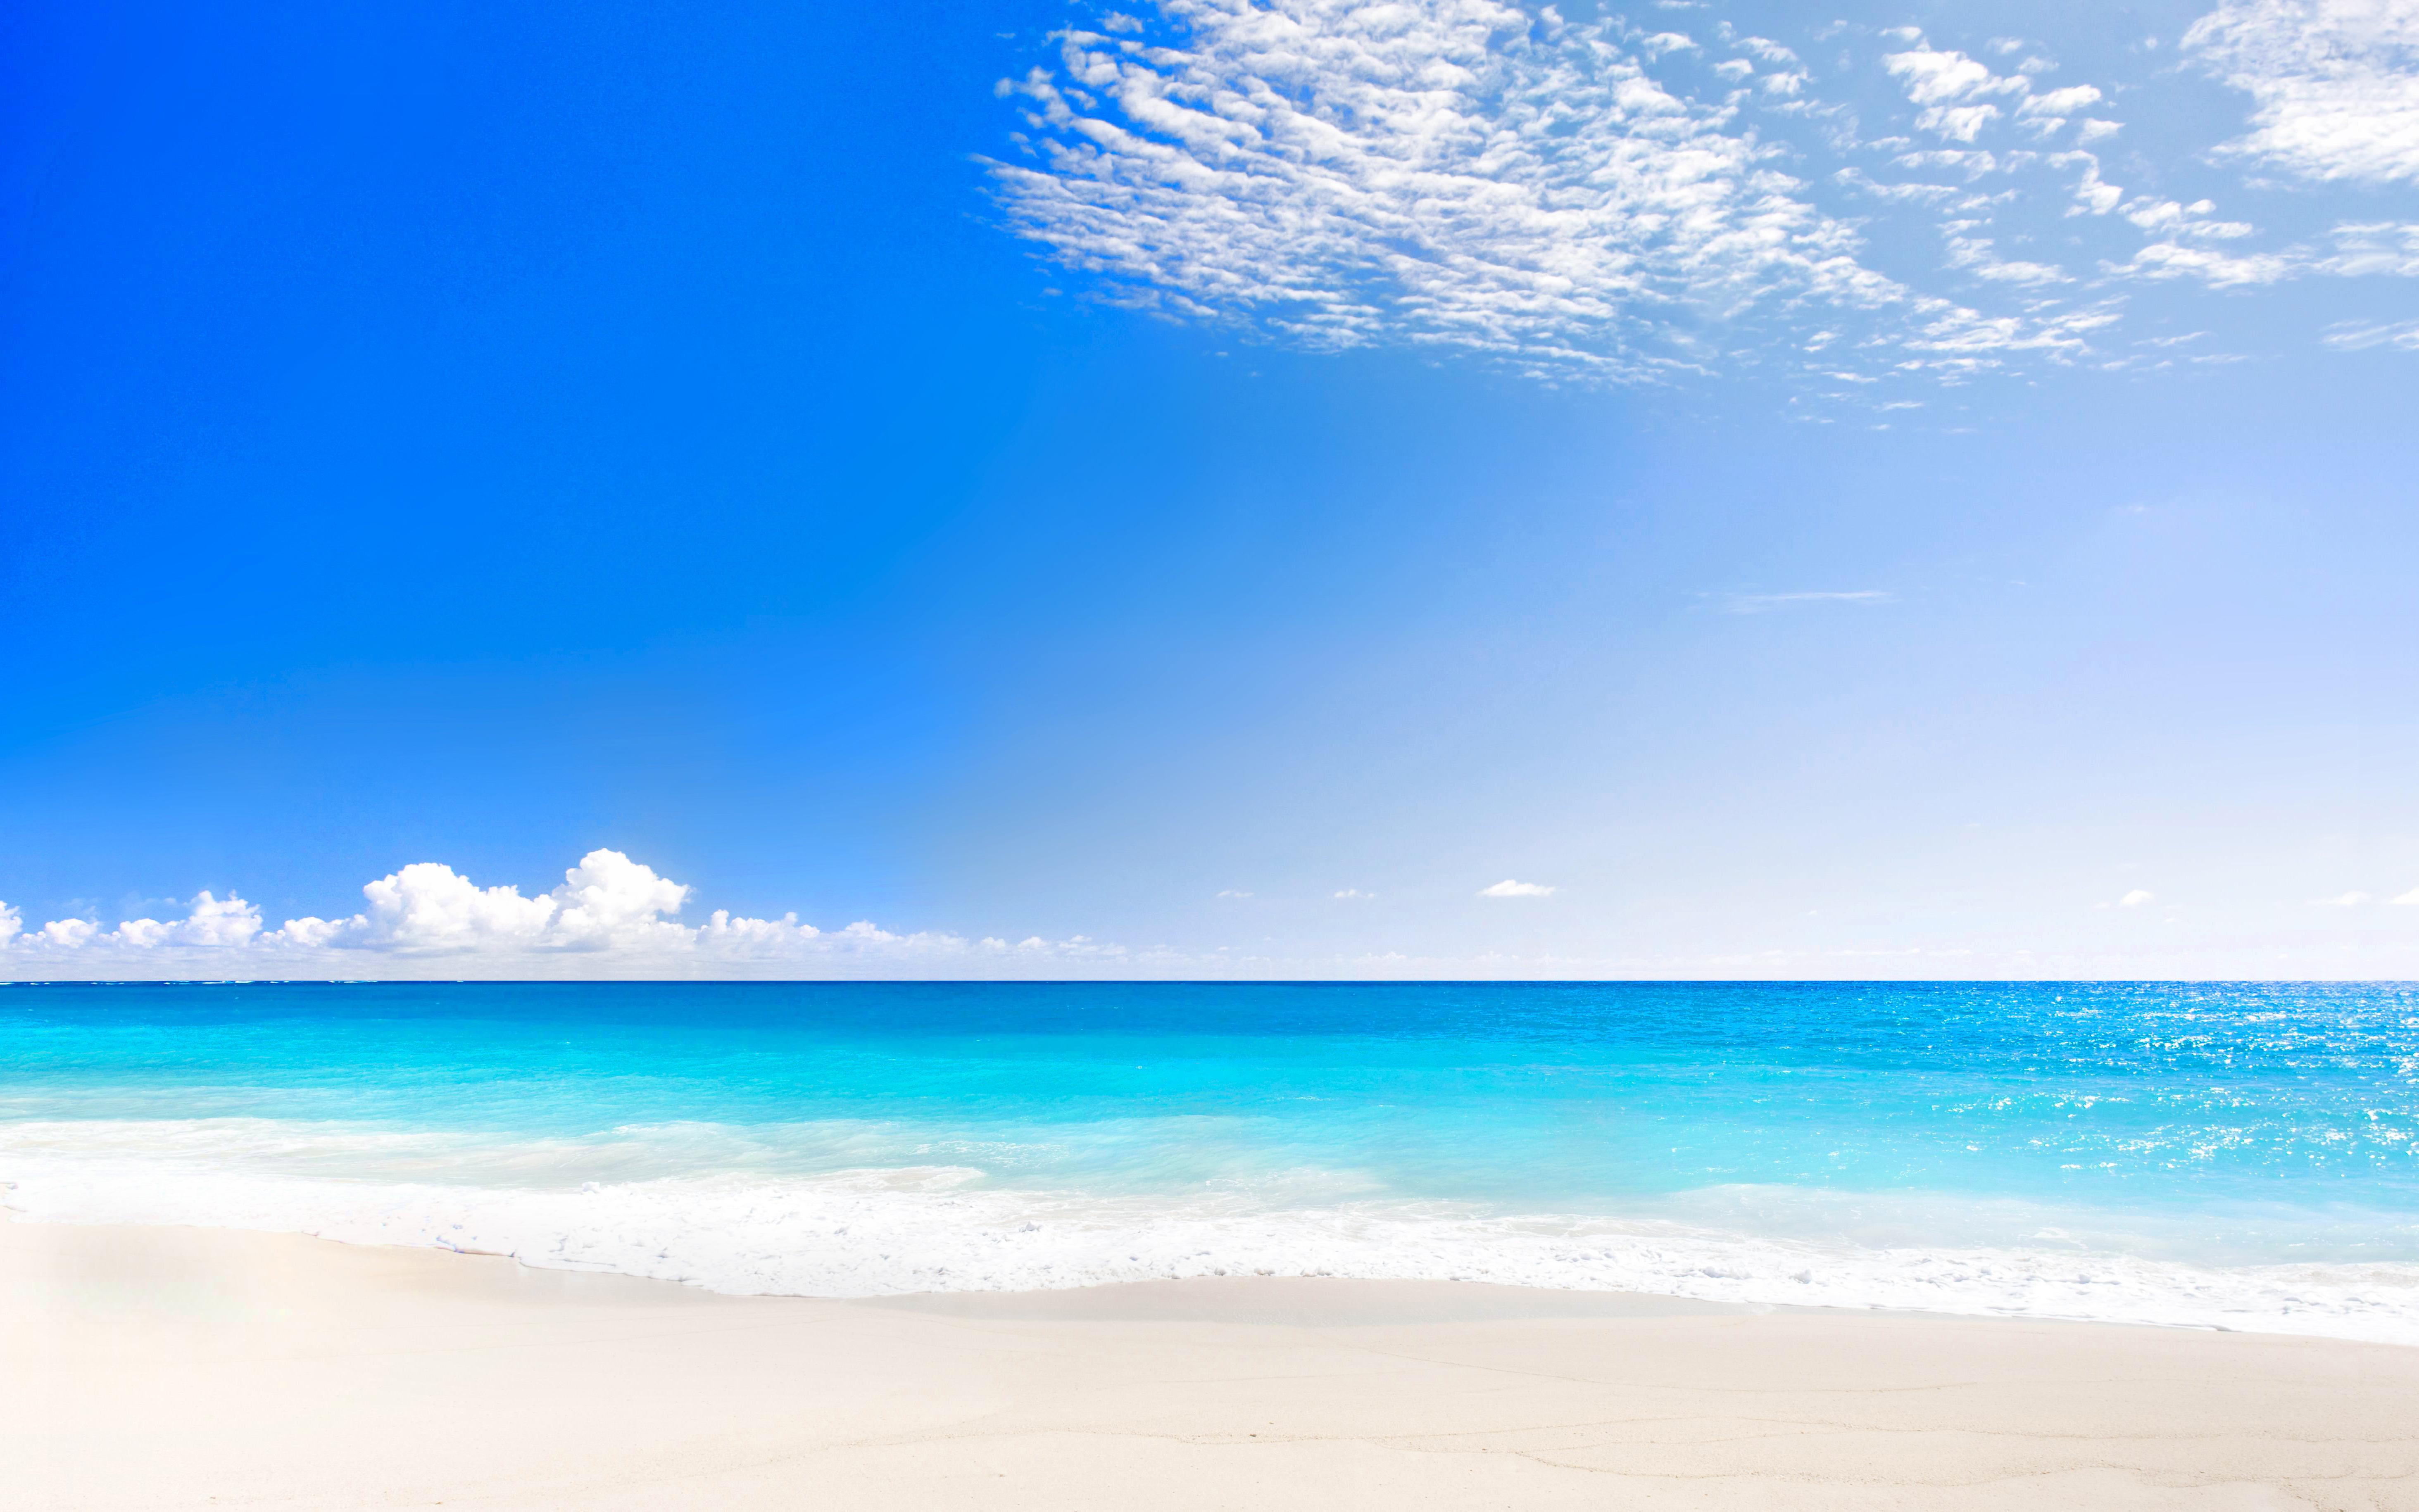 Beach 4k - 2880x1800 - Download HD Wallpaper - WallpaperTip